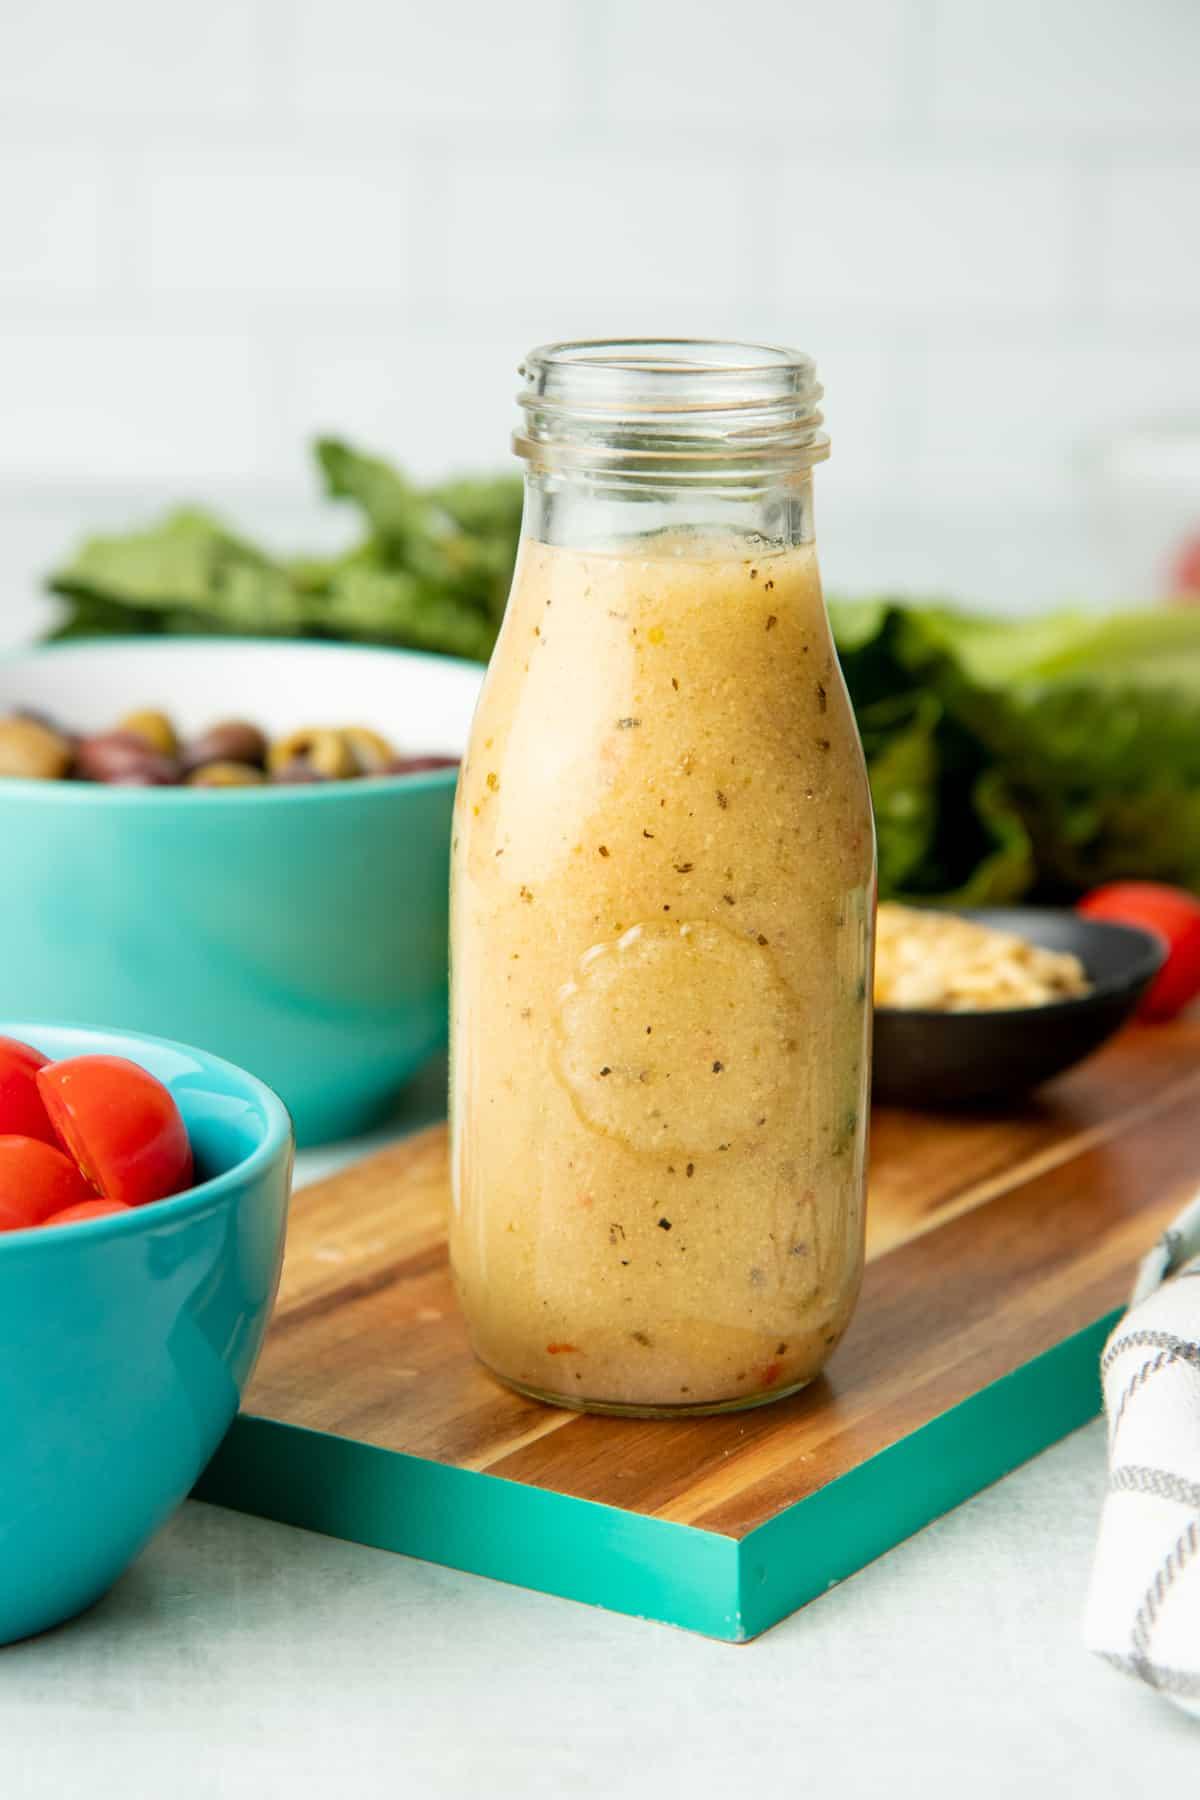 Glass bottle of homemade Italian salad dressing.